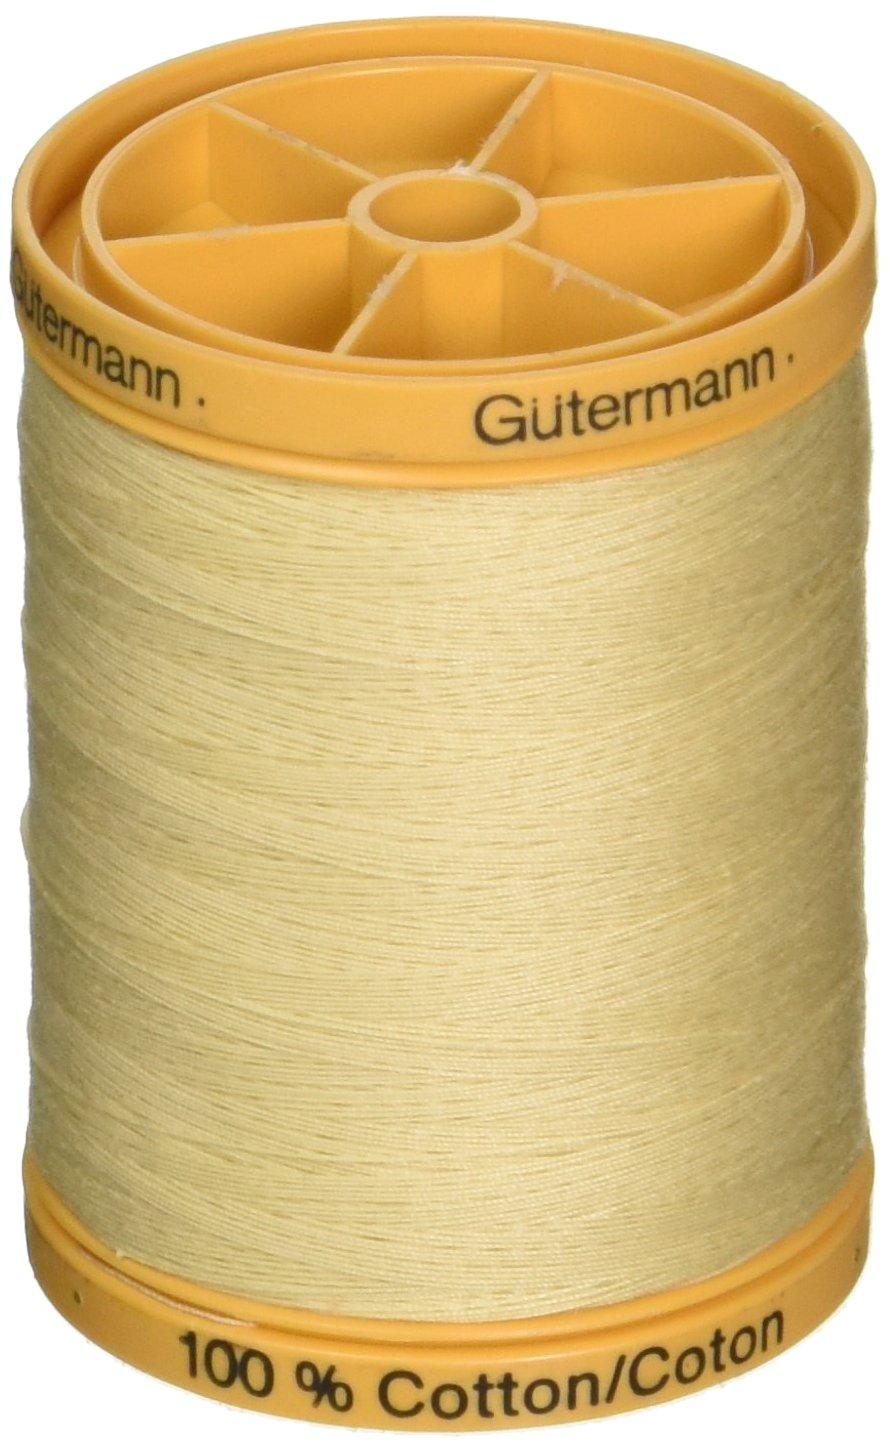 Gutermann 876 yd Natural Cotton Thread Solids, Vanilla Cream 026956